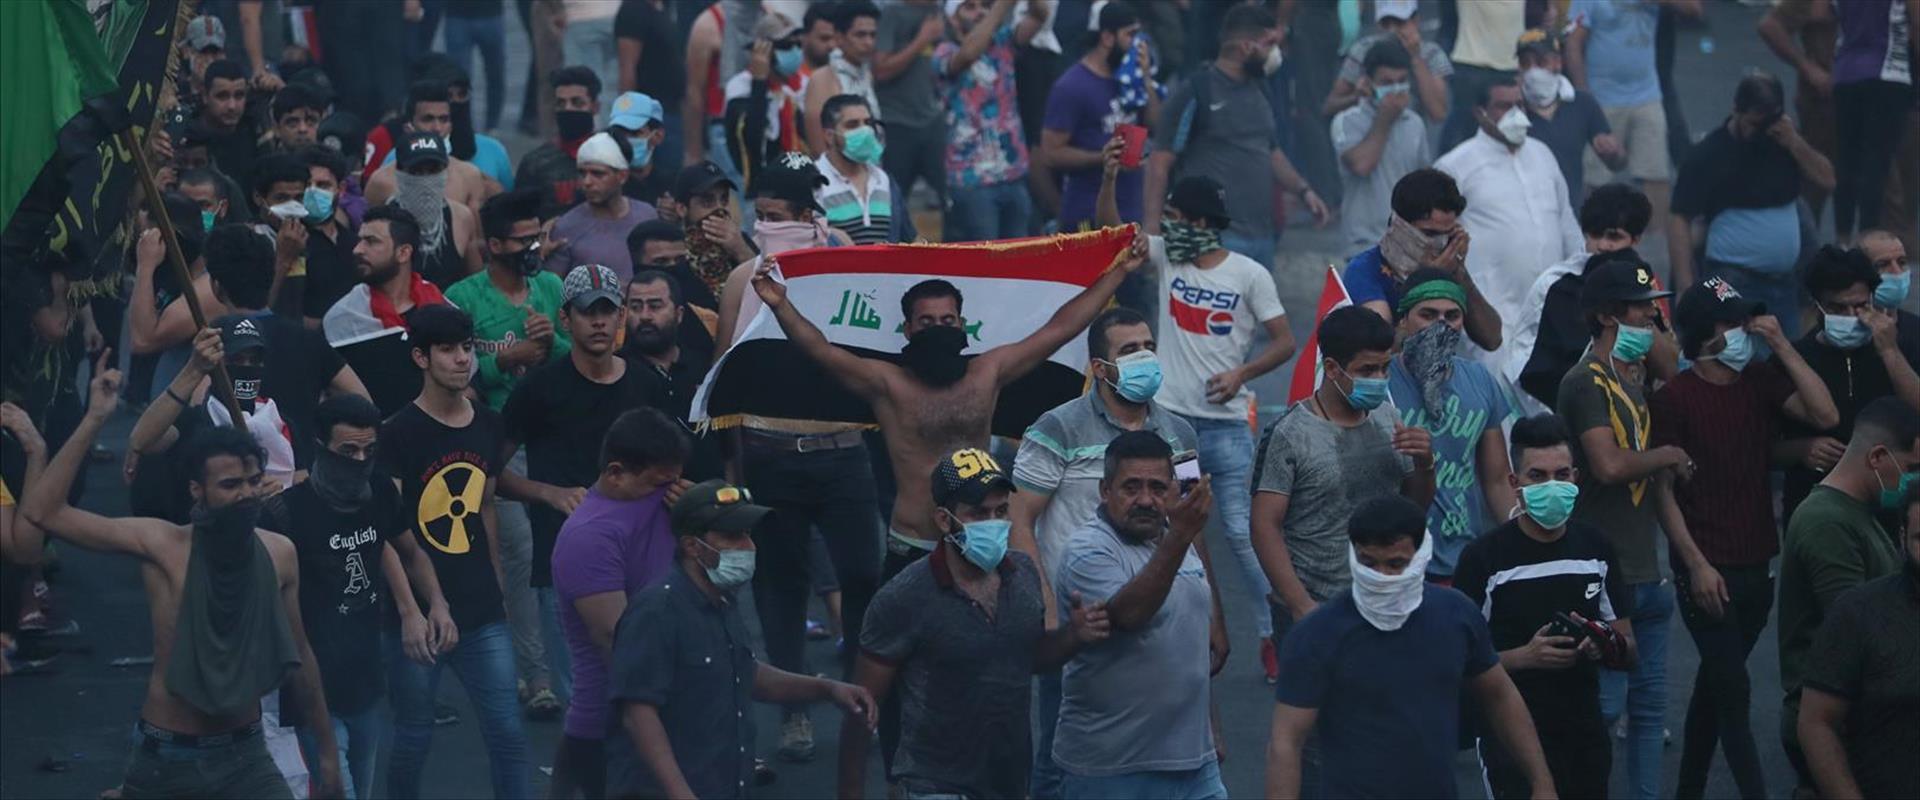 הפגנה בעיראק